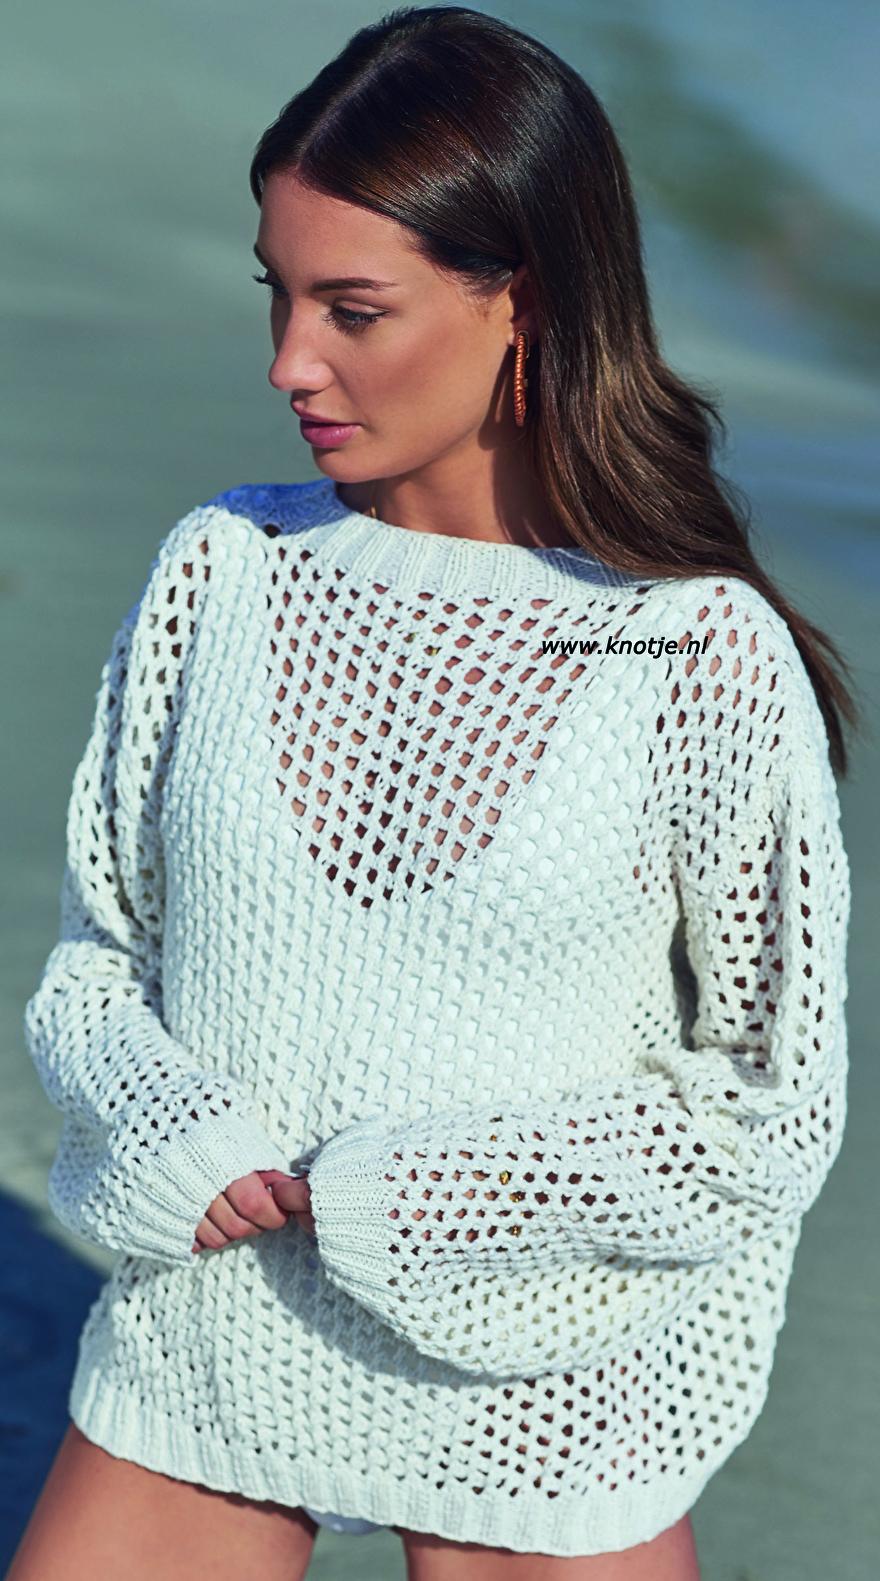 002-Mesh%20Sweater%201.jpg?t=1592809141